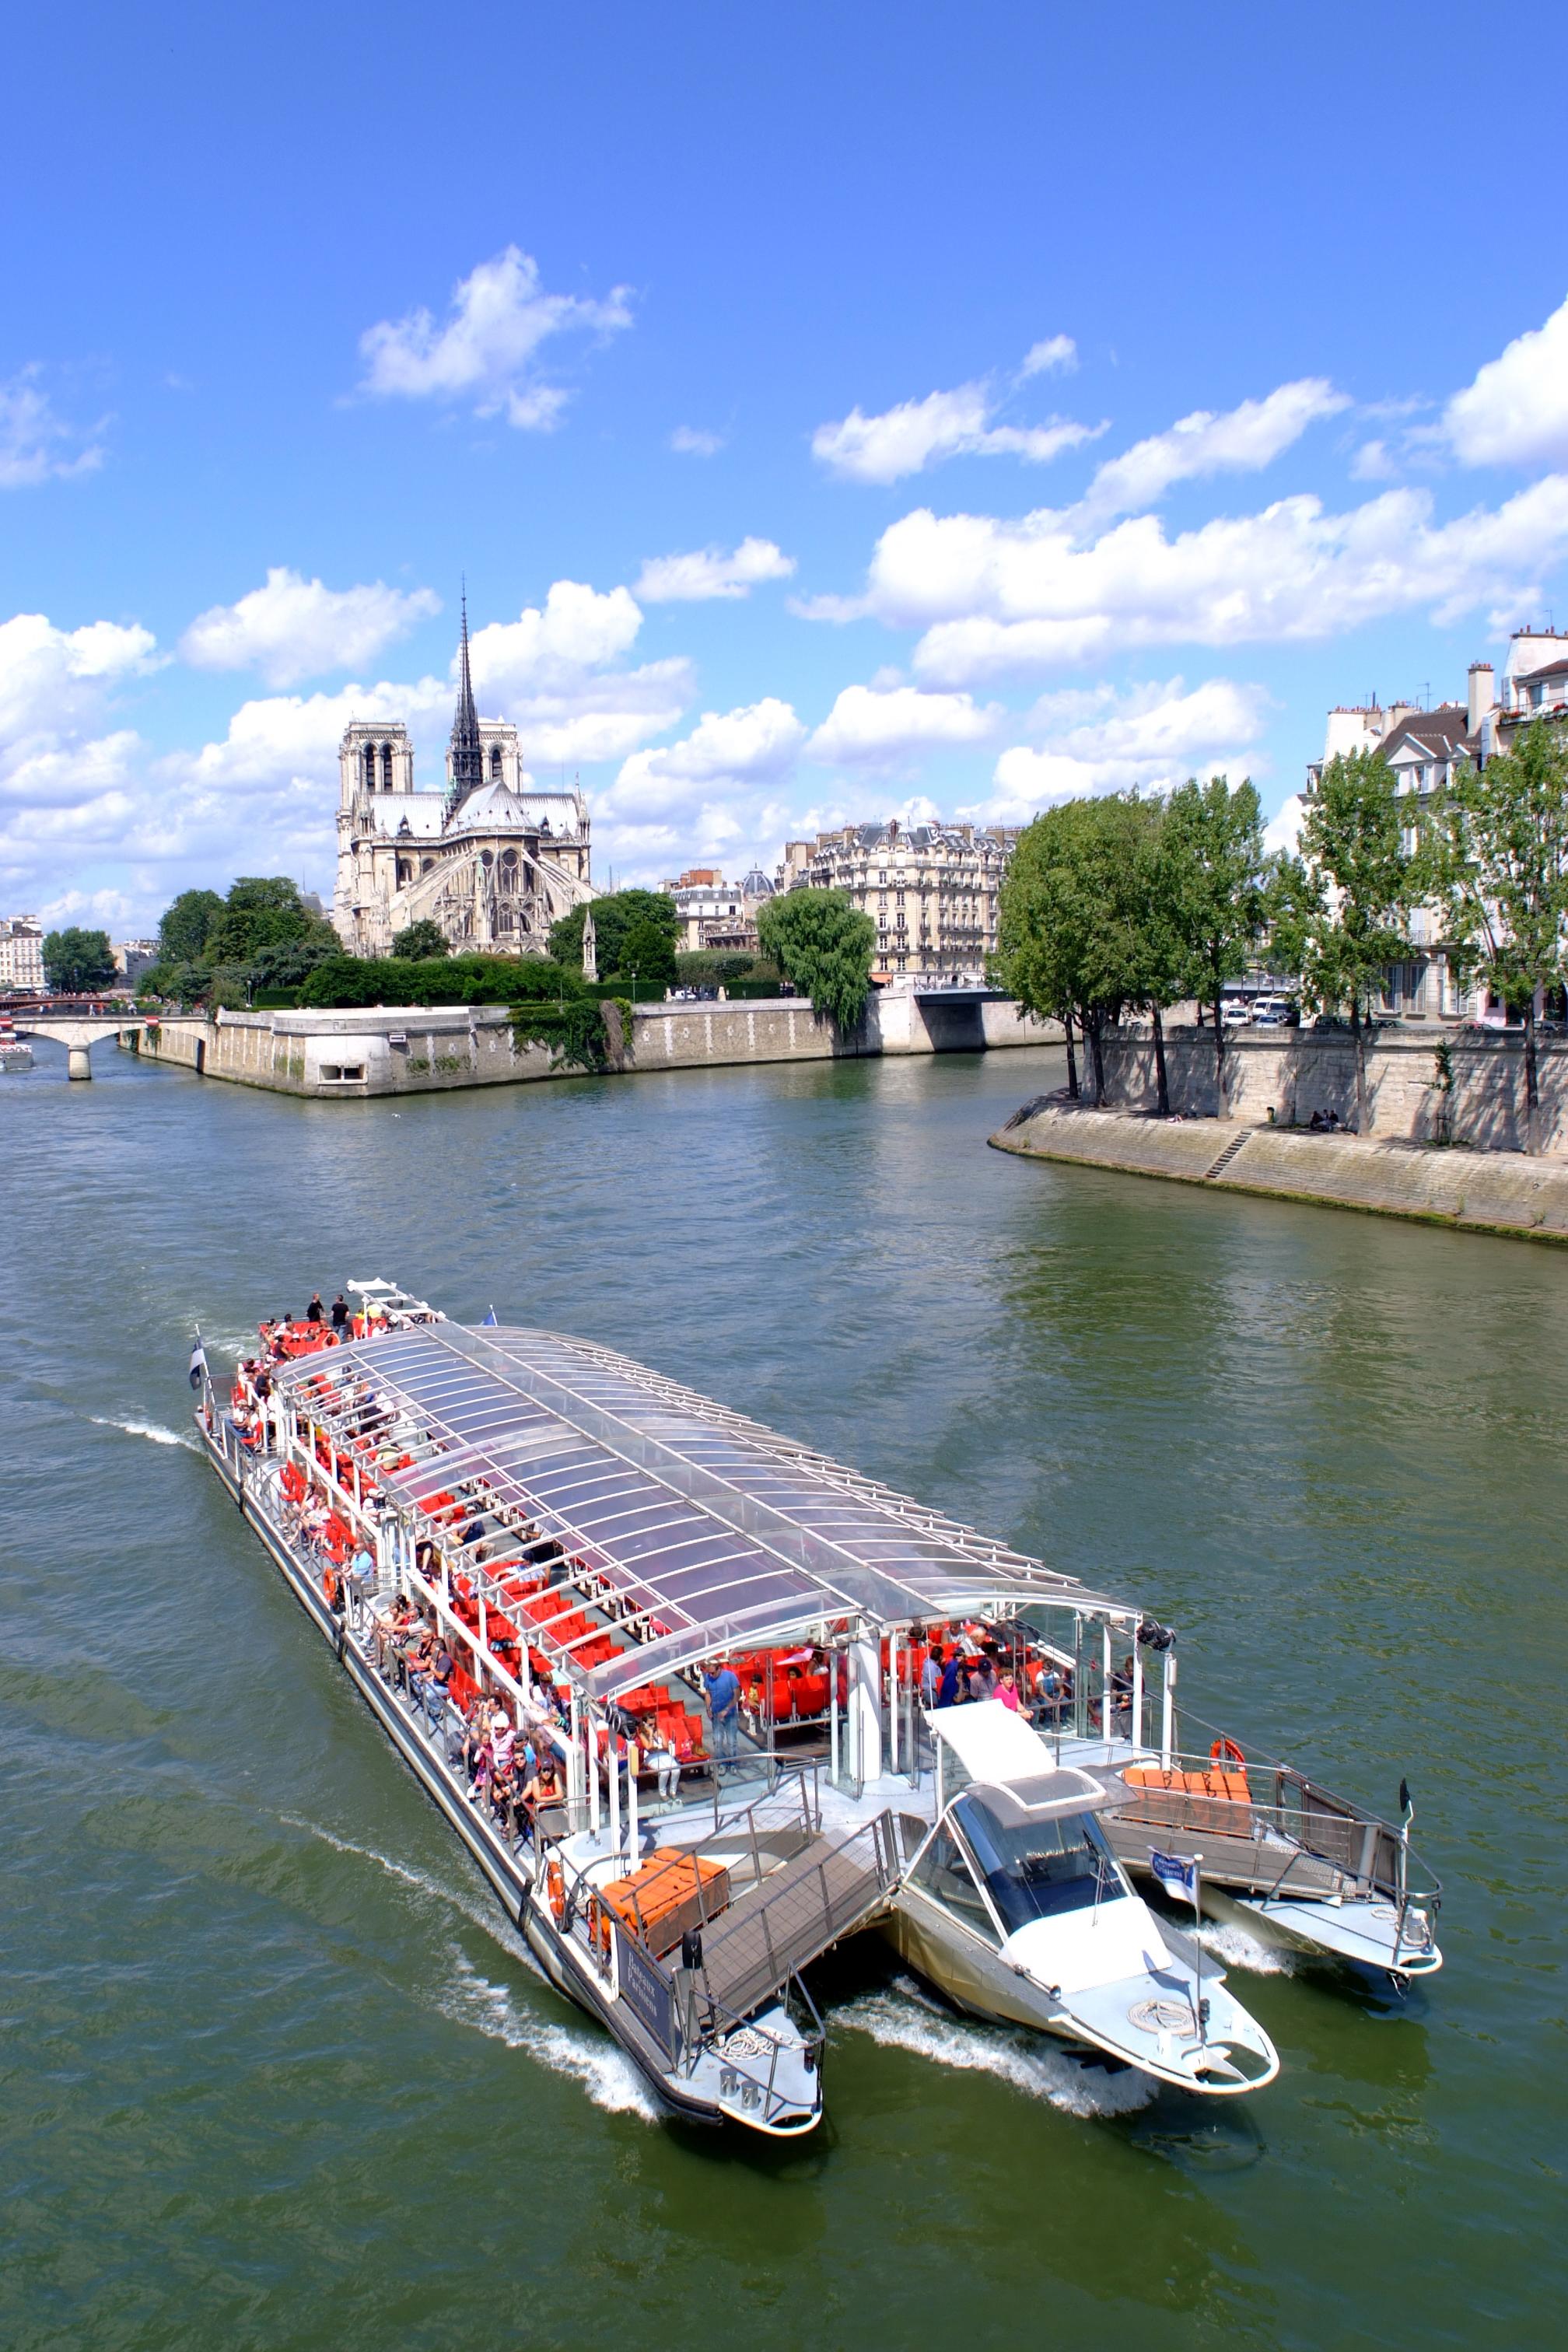 Bateaux parisiens 75007 club butterfly - Bateaux parisiens tarifs ...